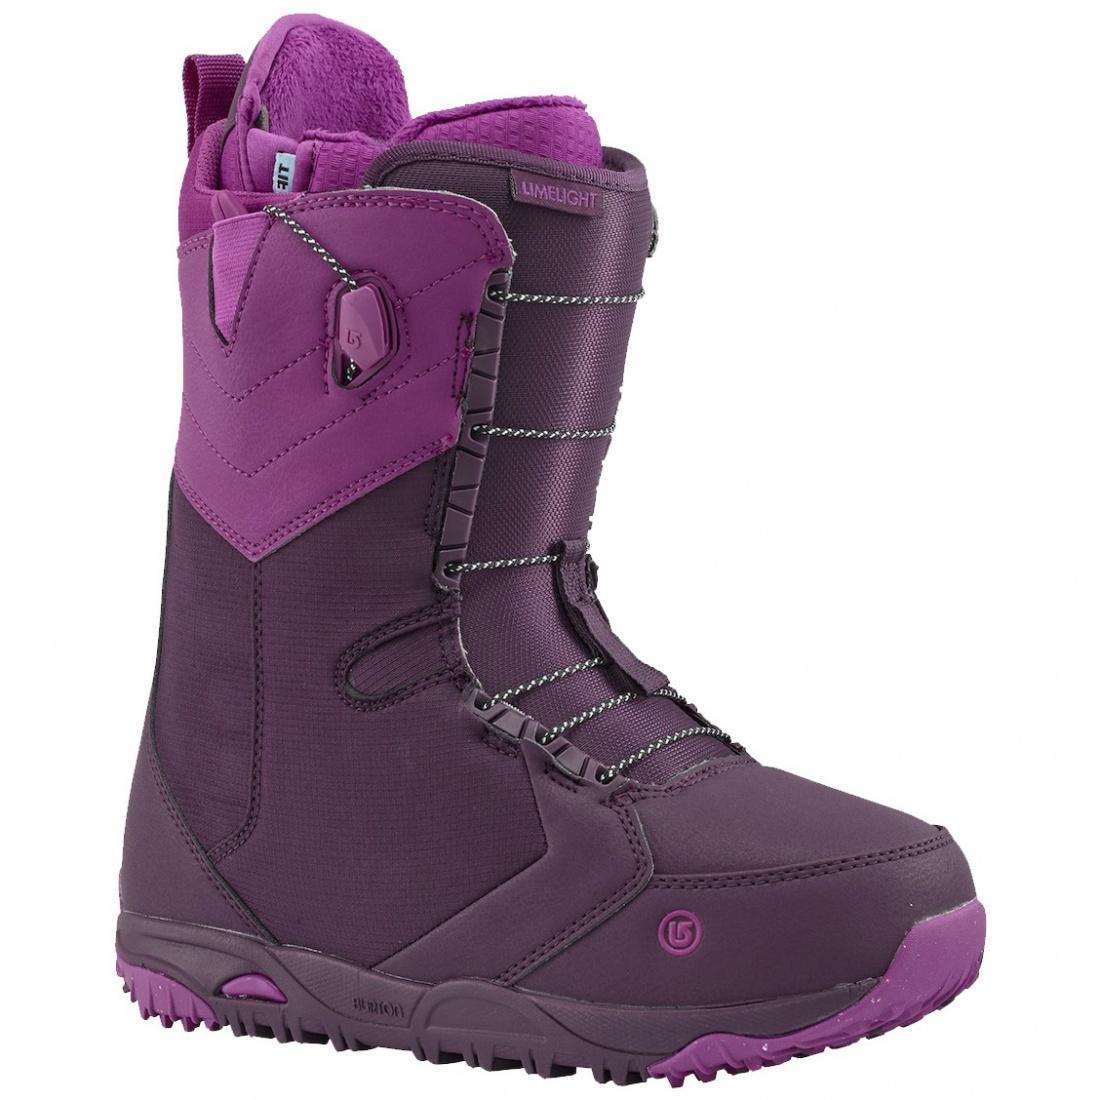 Ботинки для сноуборда Burton Limelight купить в Boardshop №1